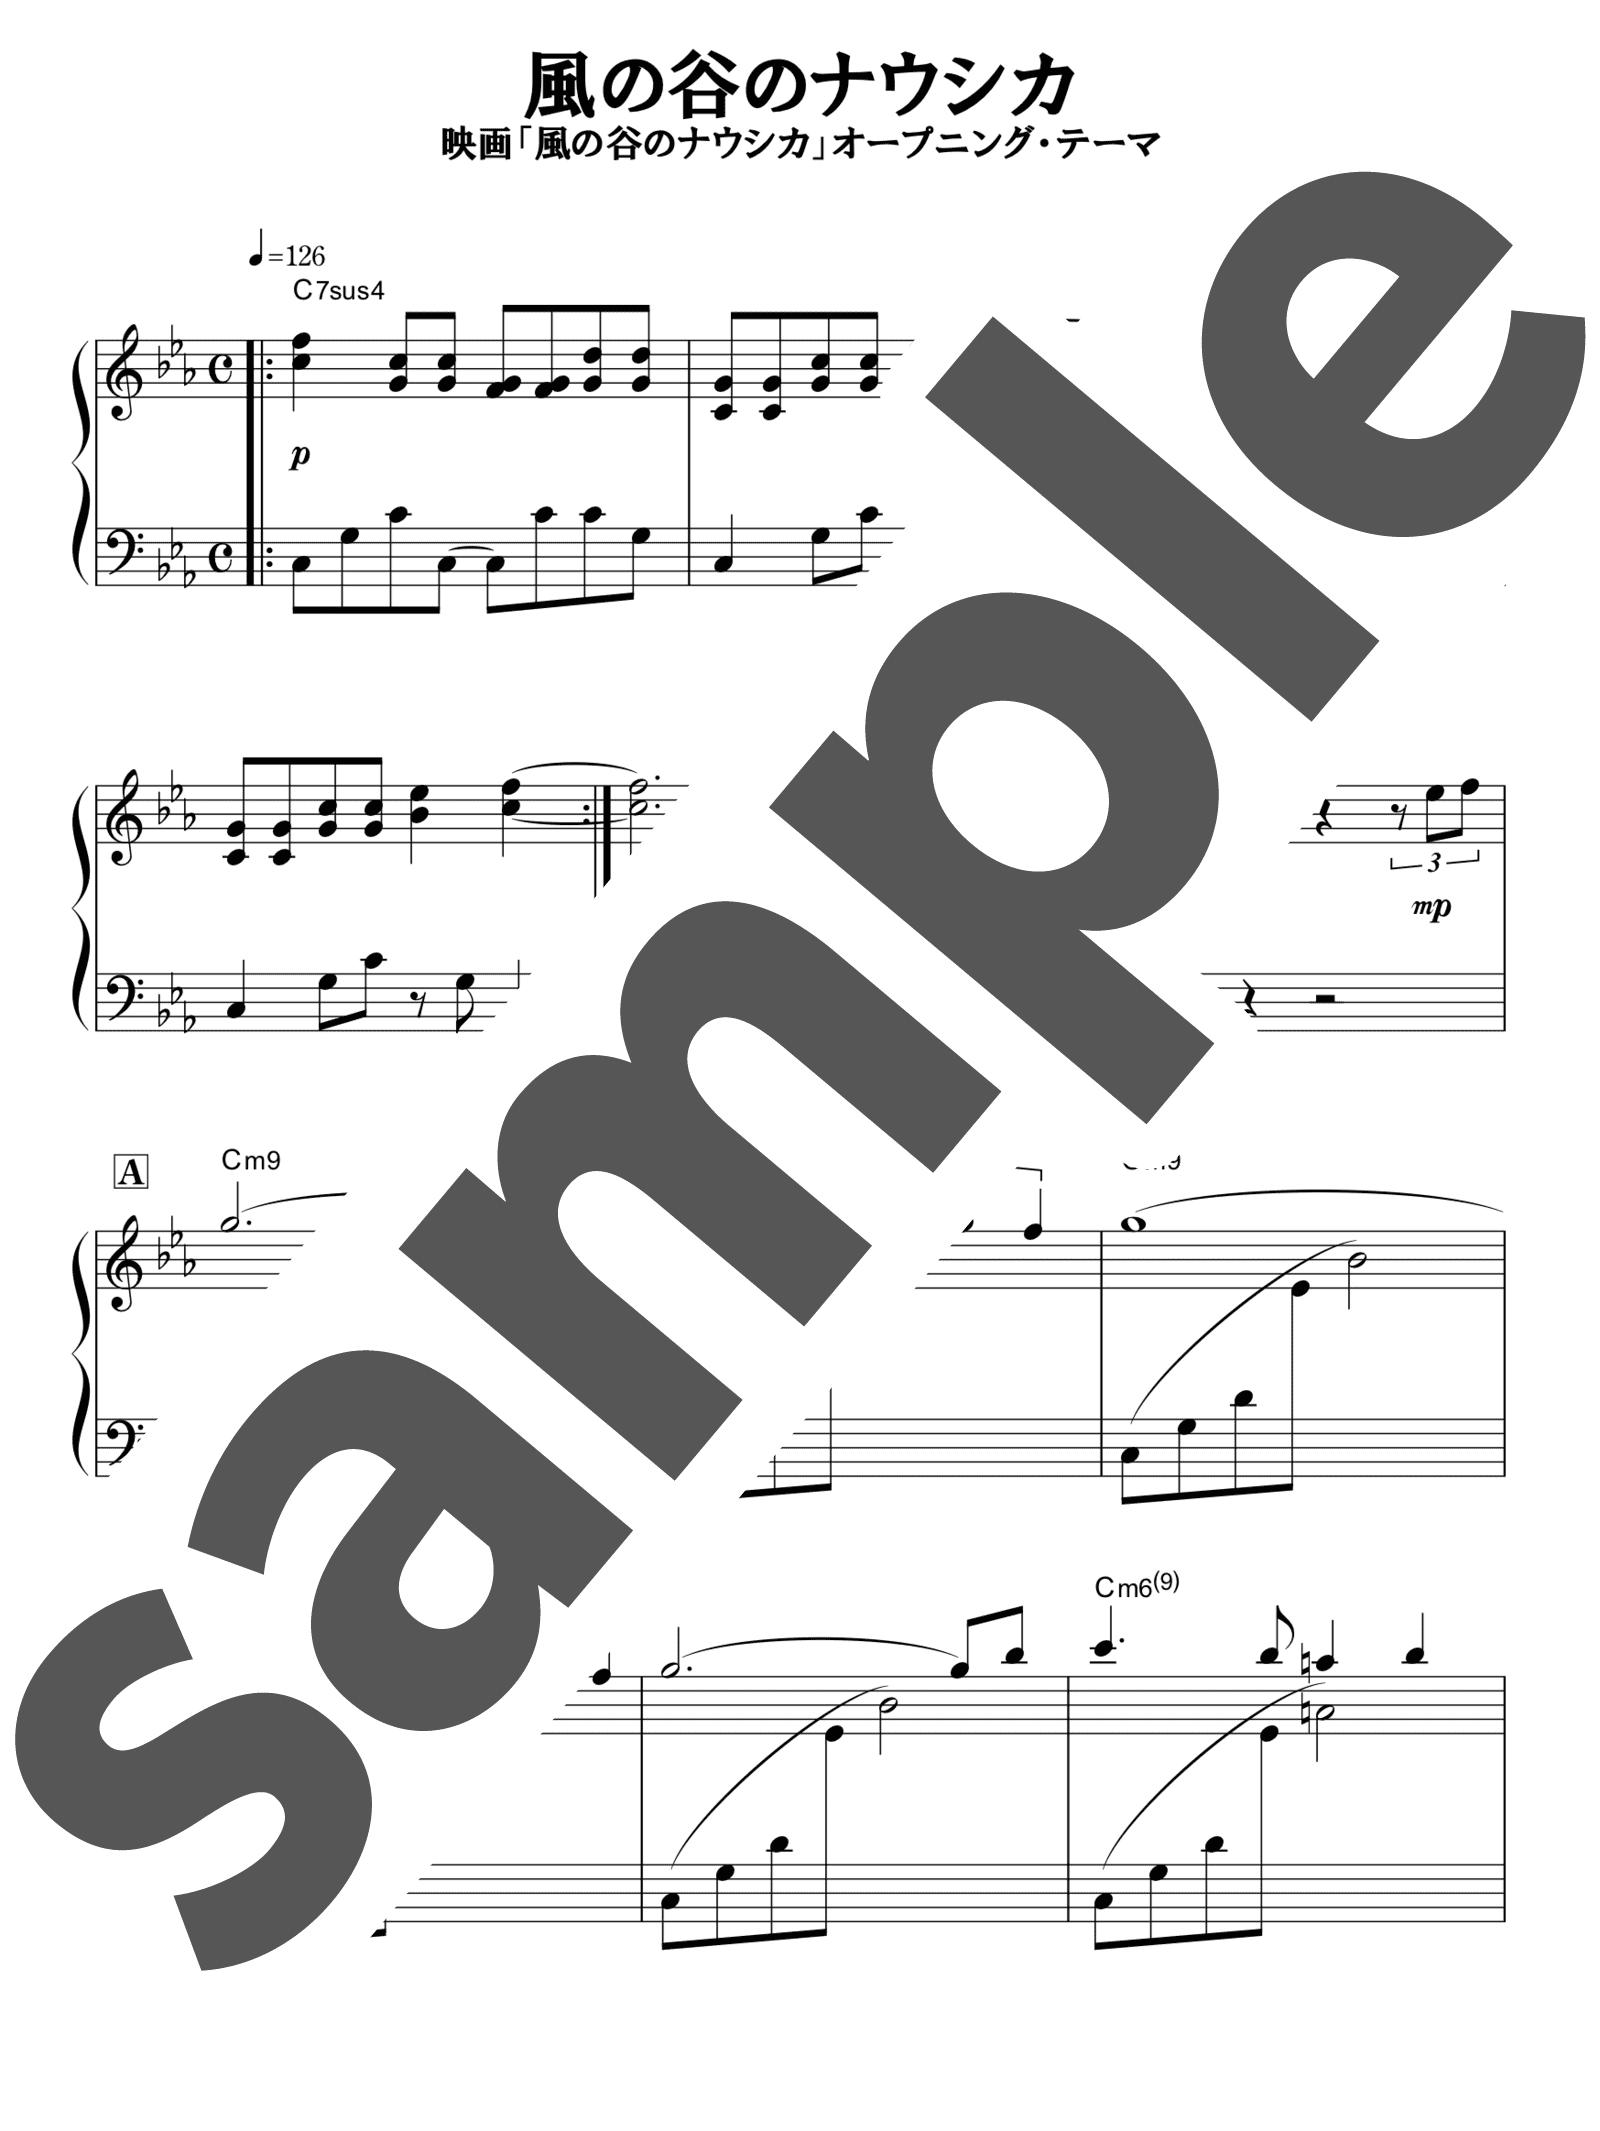 「風の谷のナウシカ」のサンプル楽譜